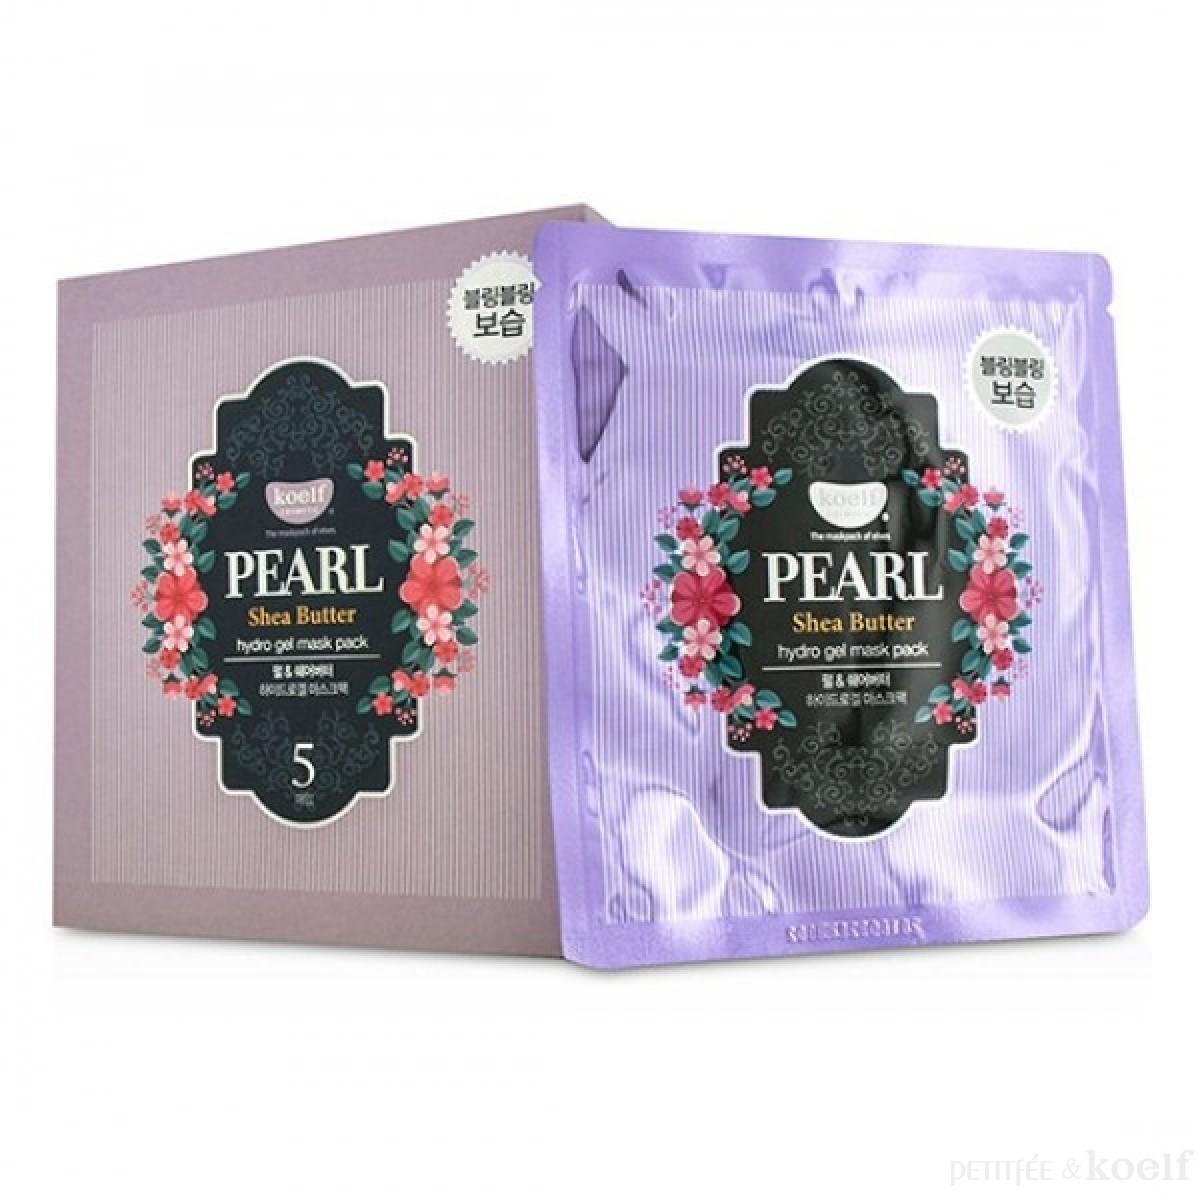 Гидрогелевая маска с жемчугом и маслом ши KOELF PEARL & SHEA BUTTER HYDRO GEL MASK PACK 1 шт